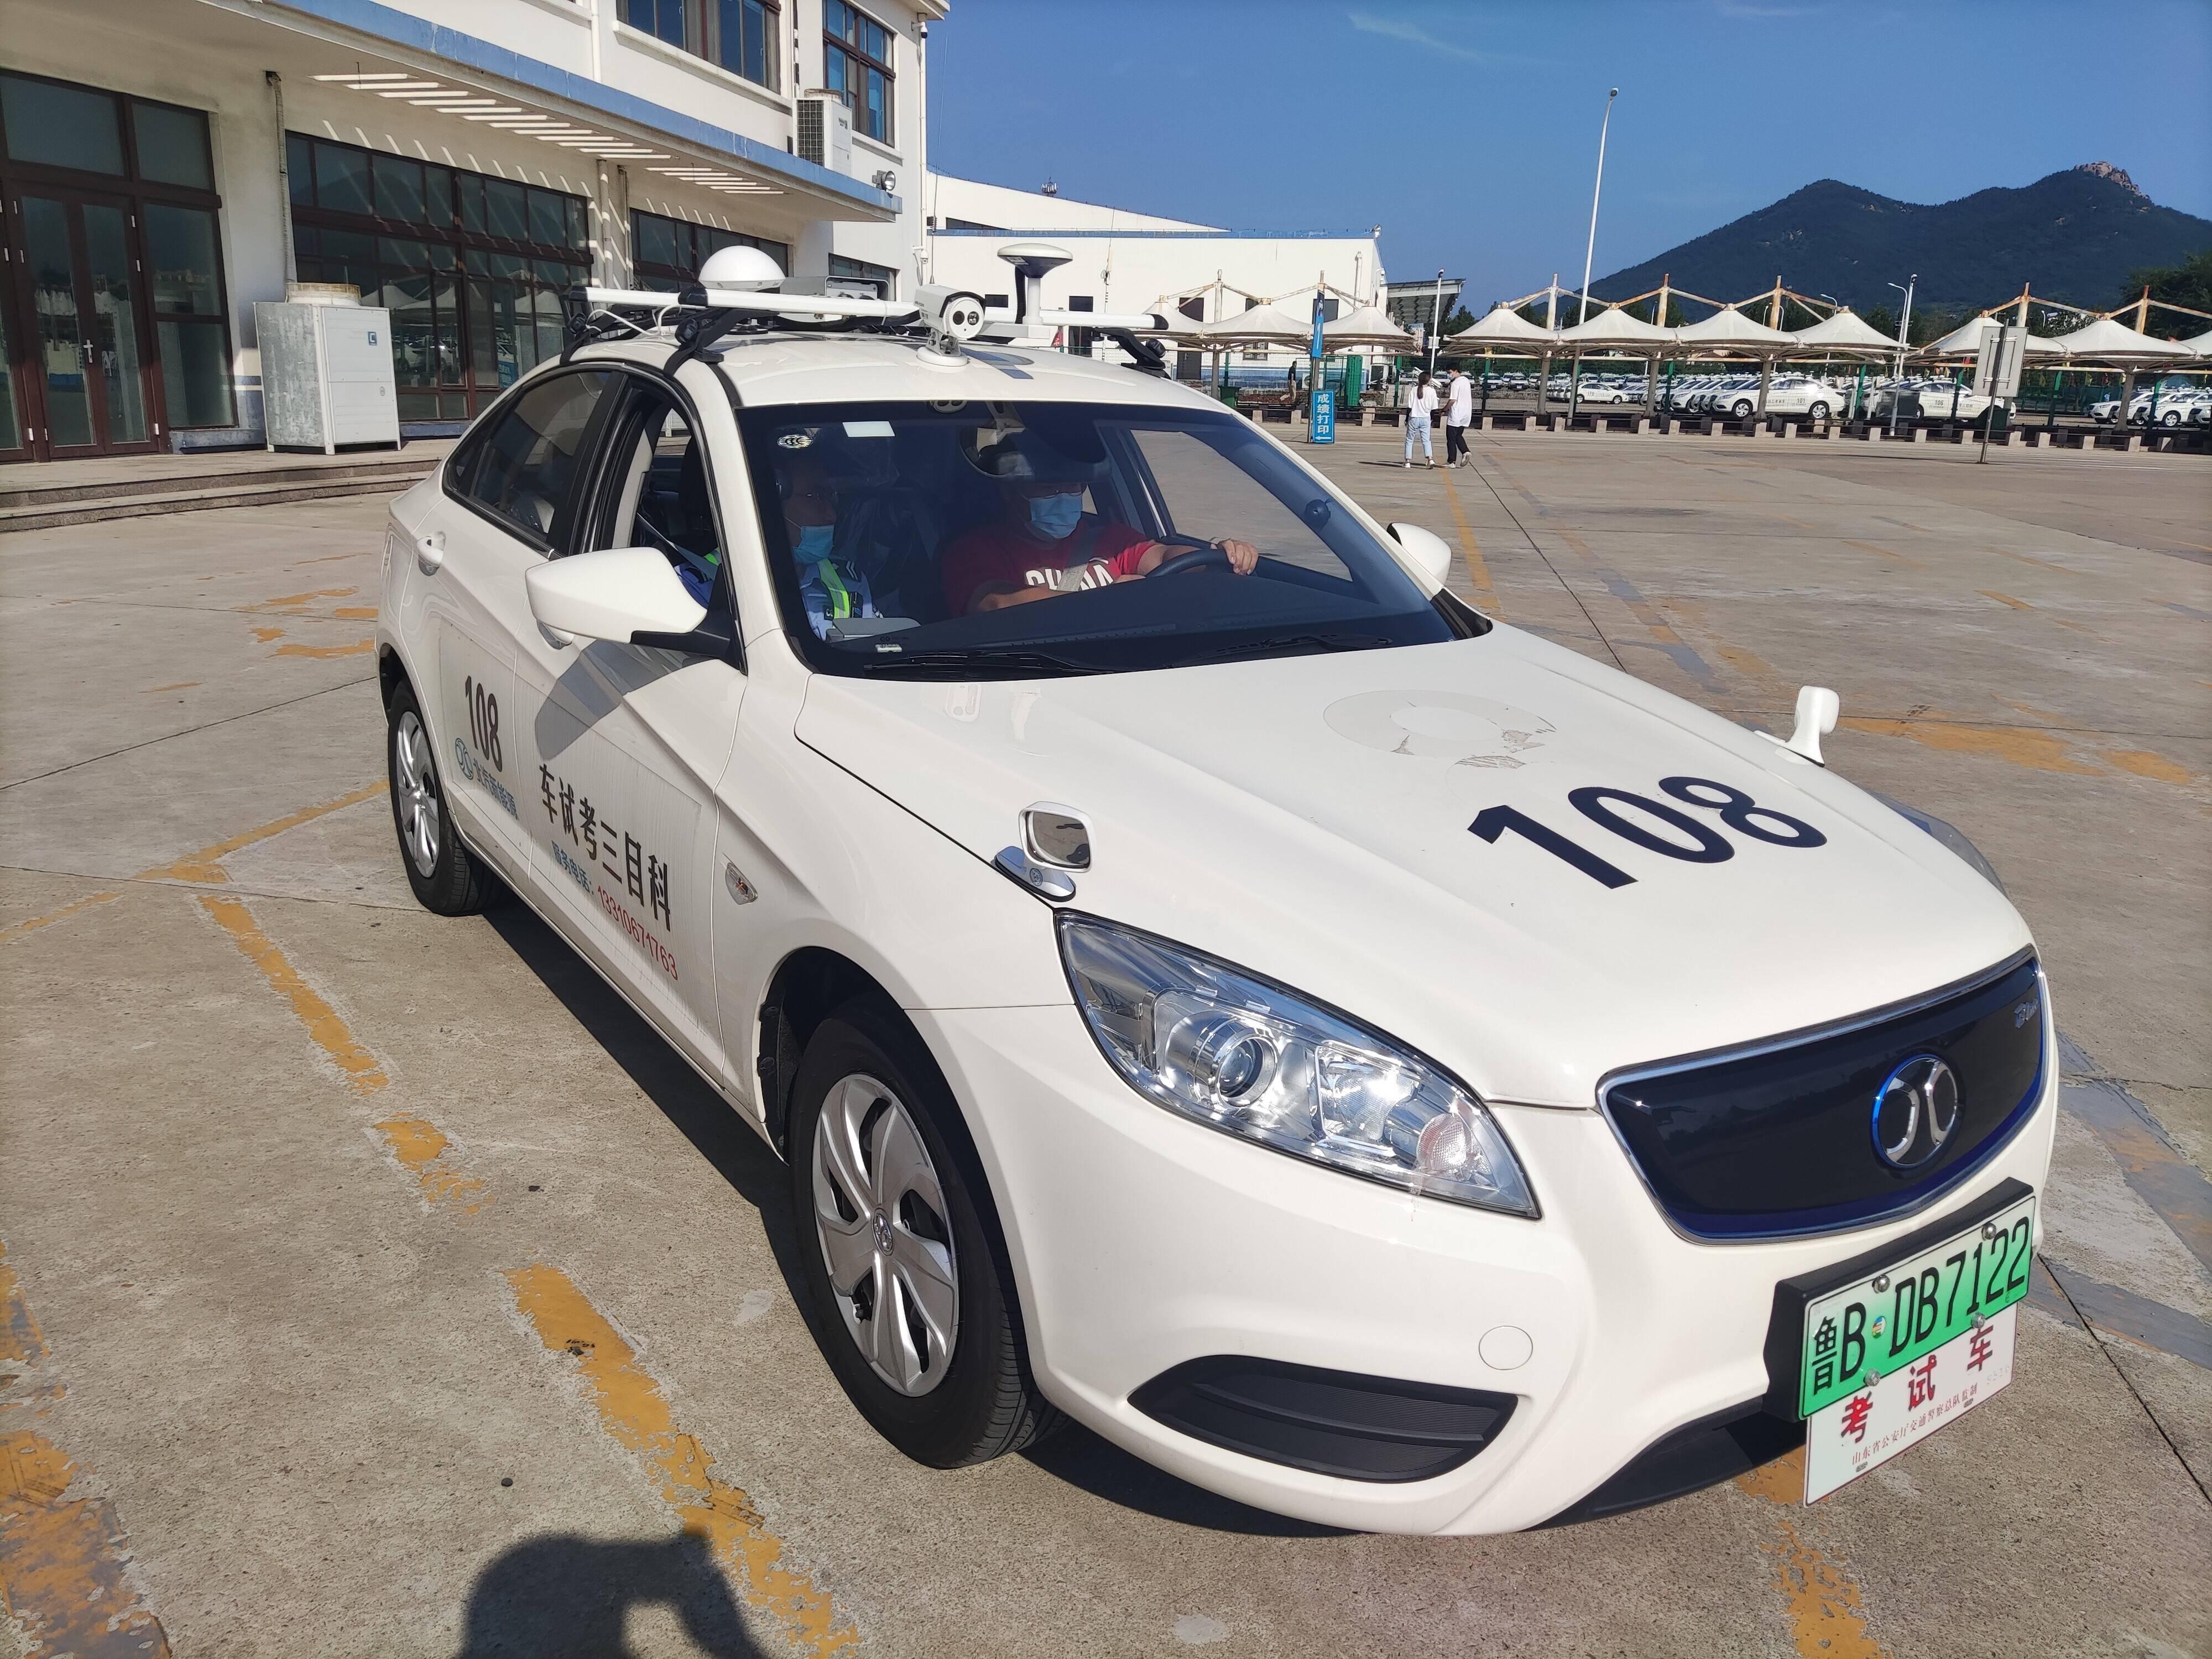 青岛在全省率先实现新能源汽车全科目考试